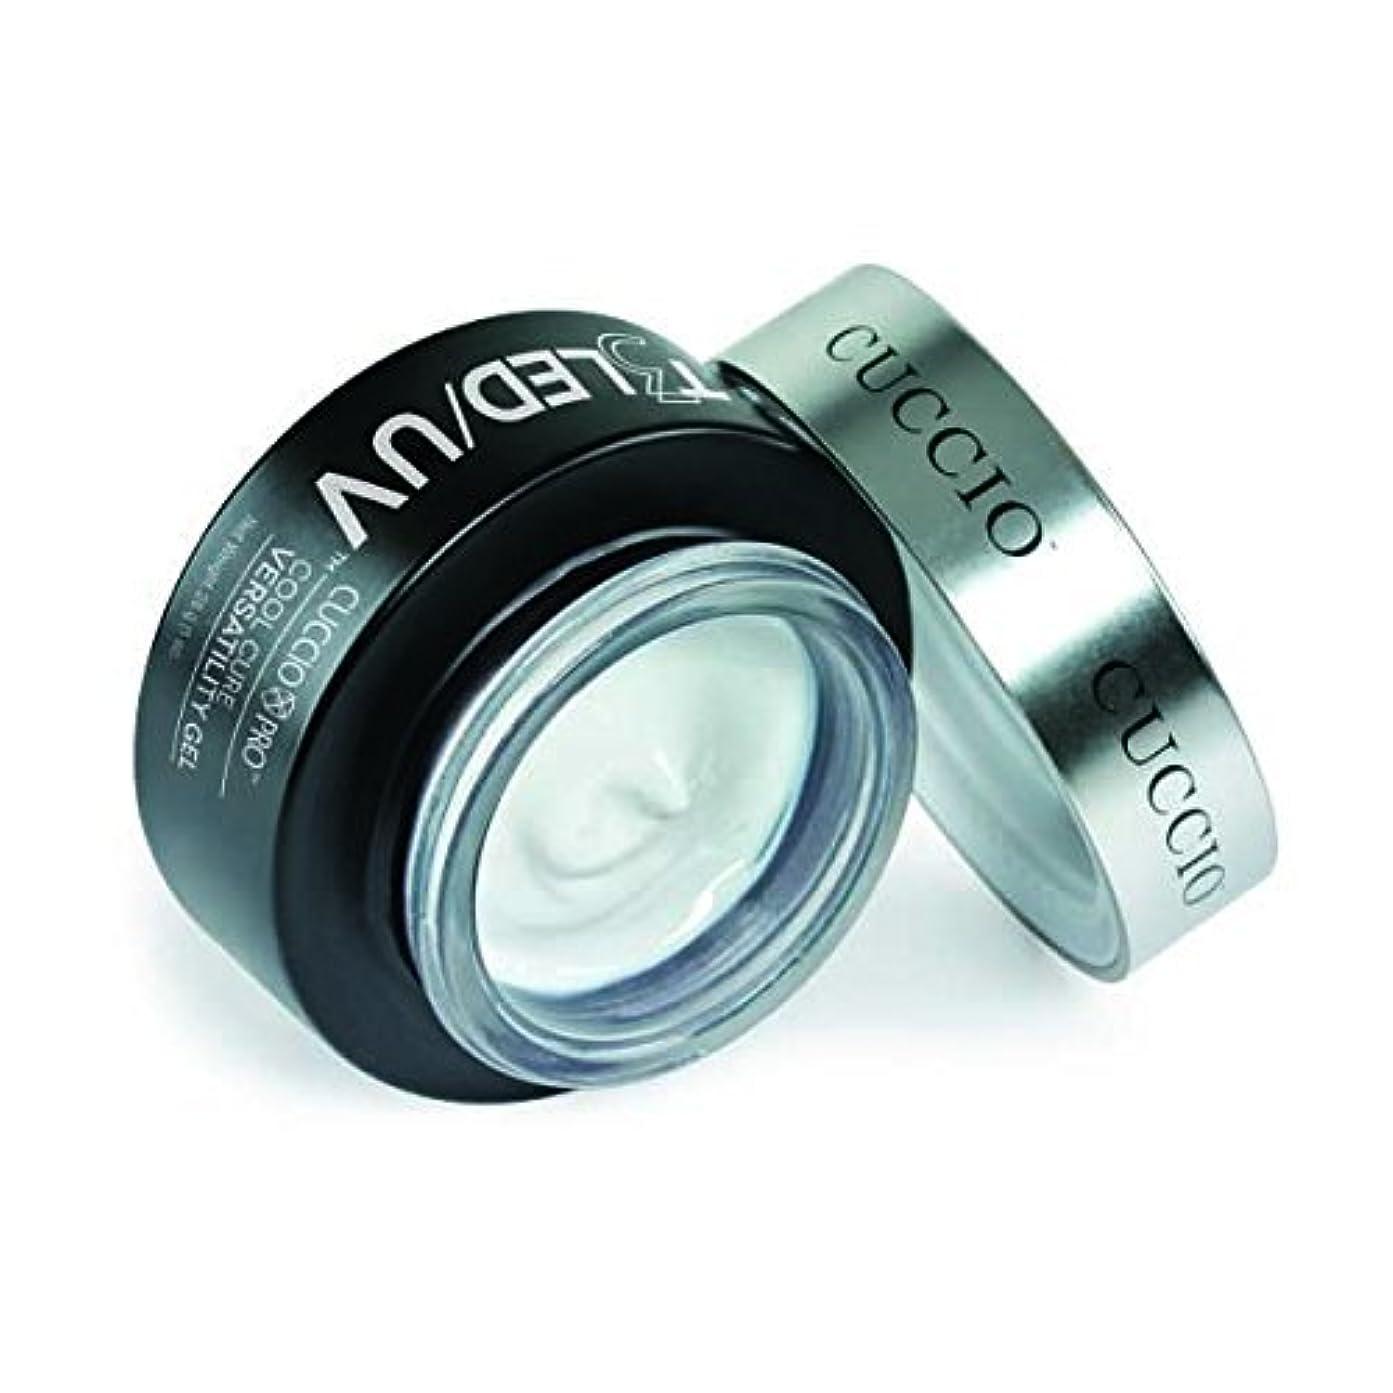 潤滑する日記行うCuccio Pro - T3 LED/UV Self- Leveling Gel - Clear - 2oz / 56g